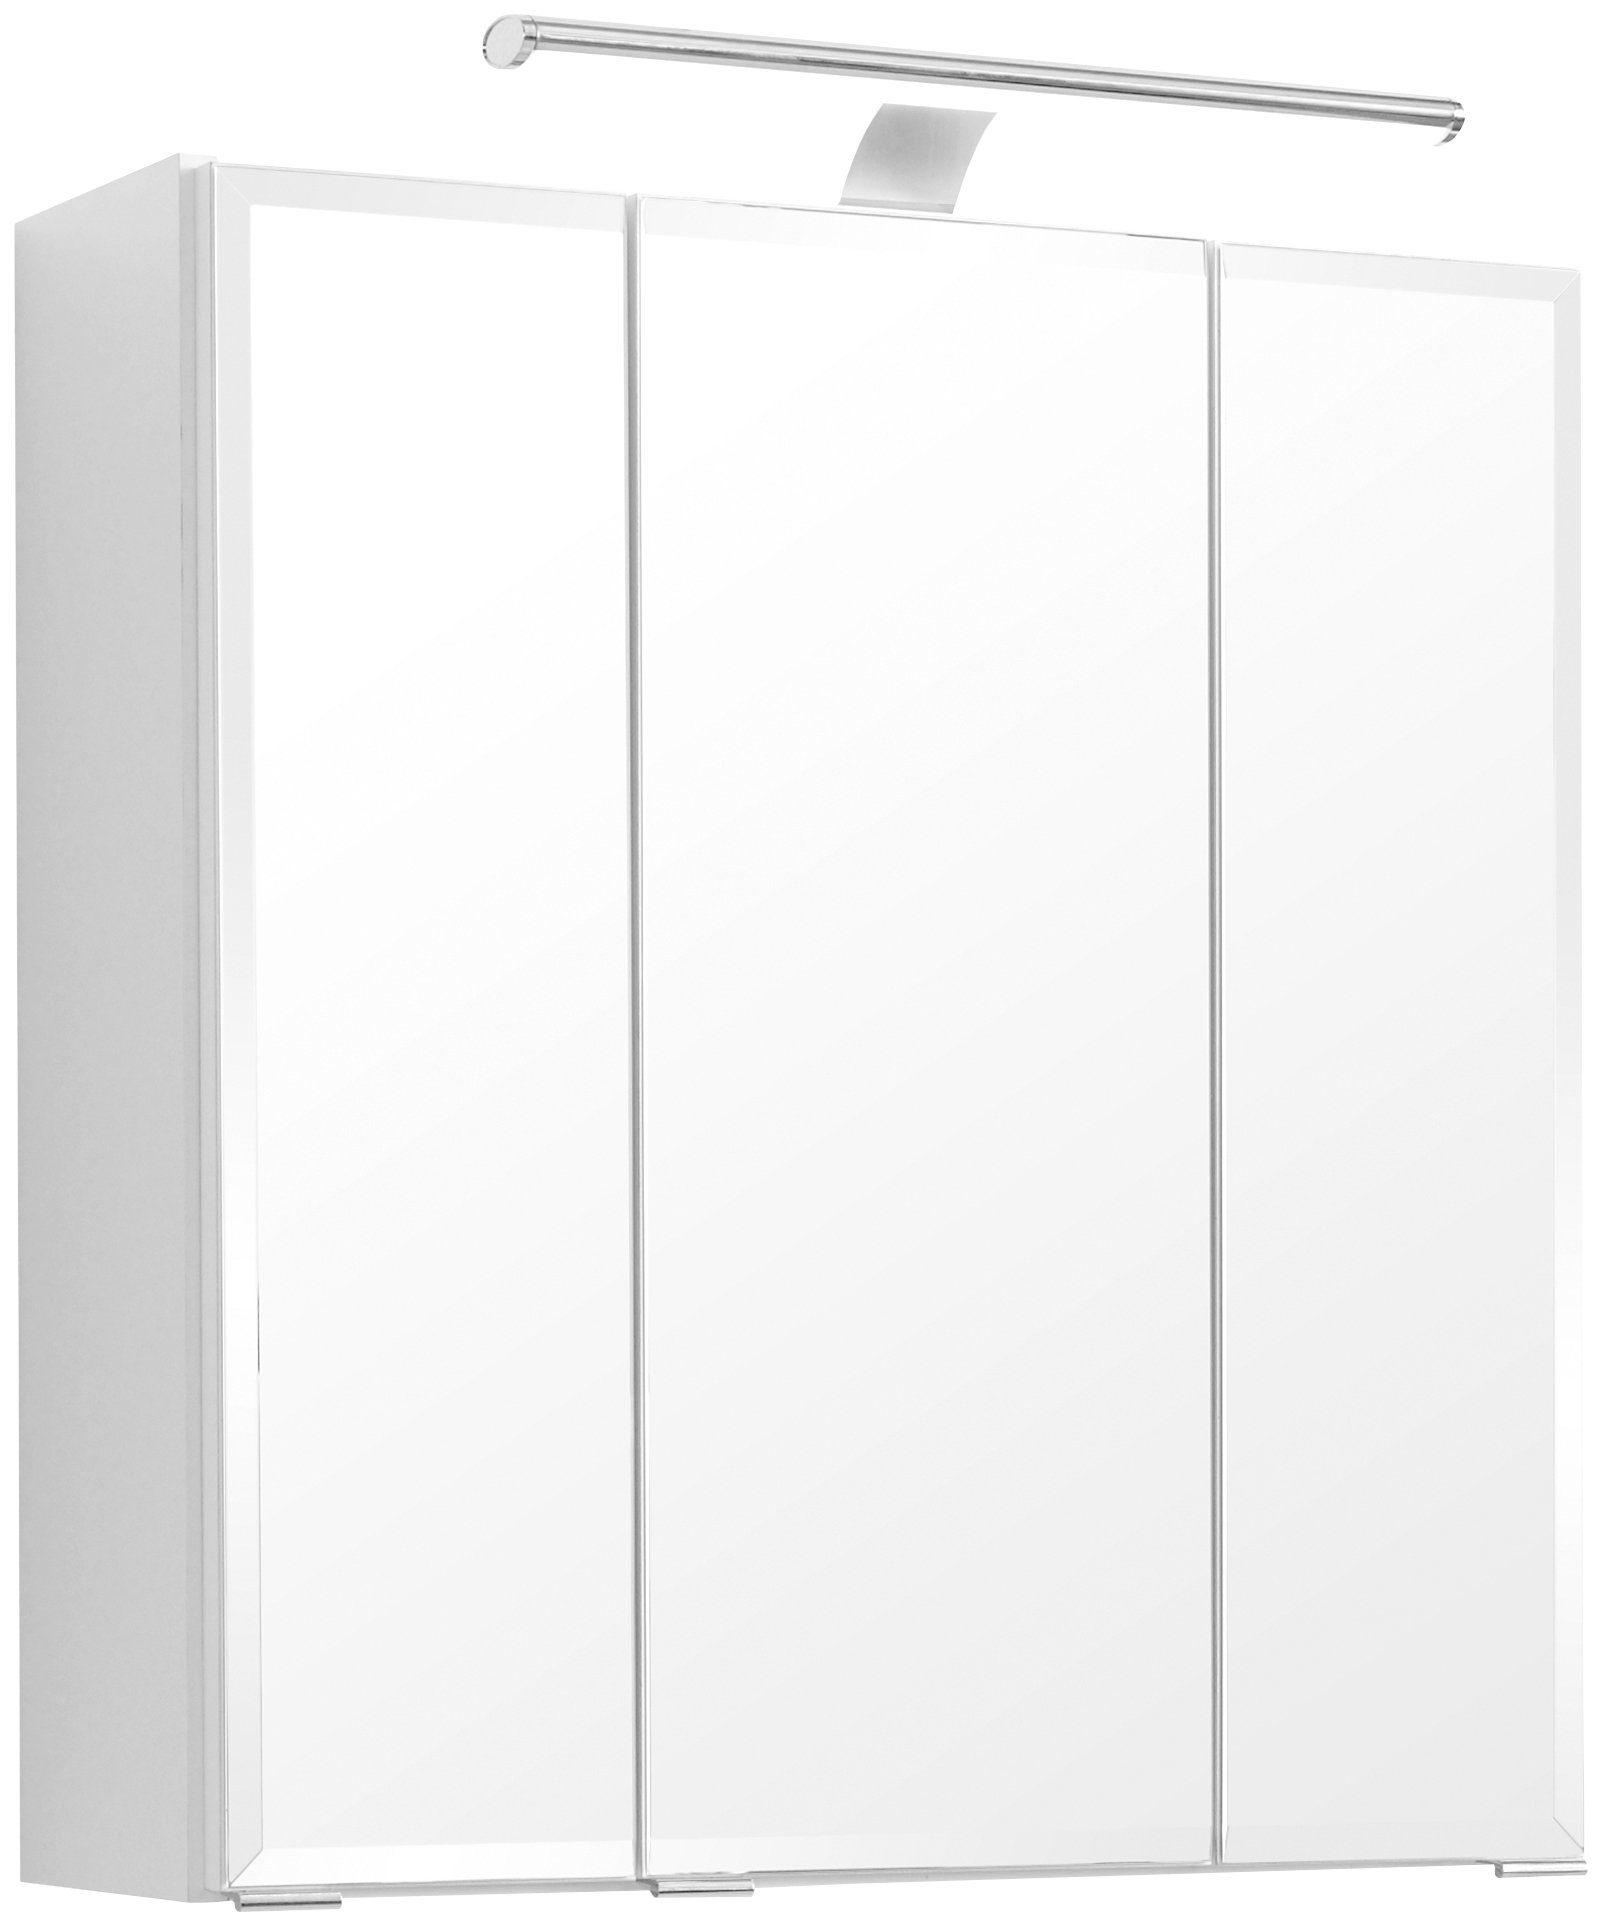 Held Möbel Spiegelschrank »Fontana« Breite 60 cm, mit LED-Beleuchtung